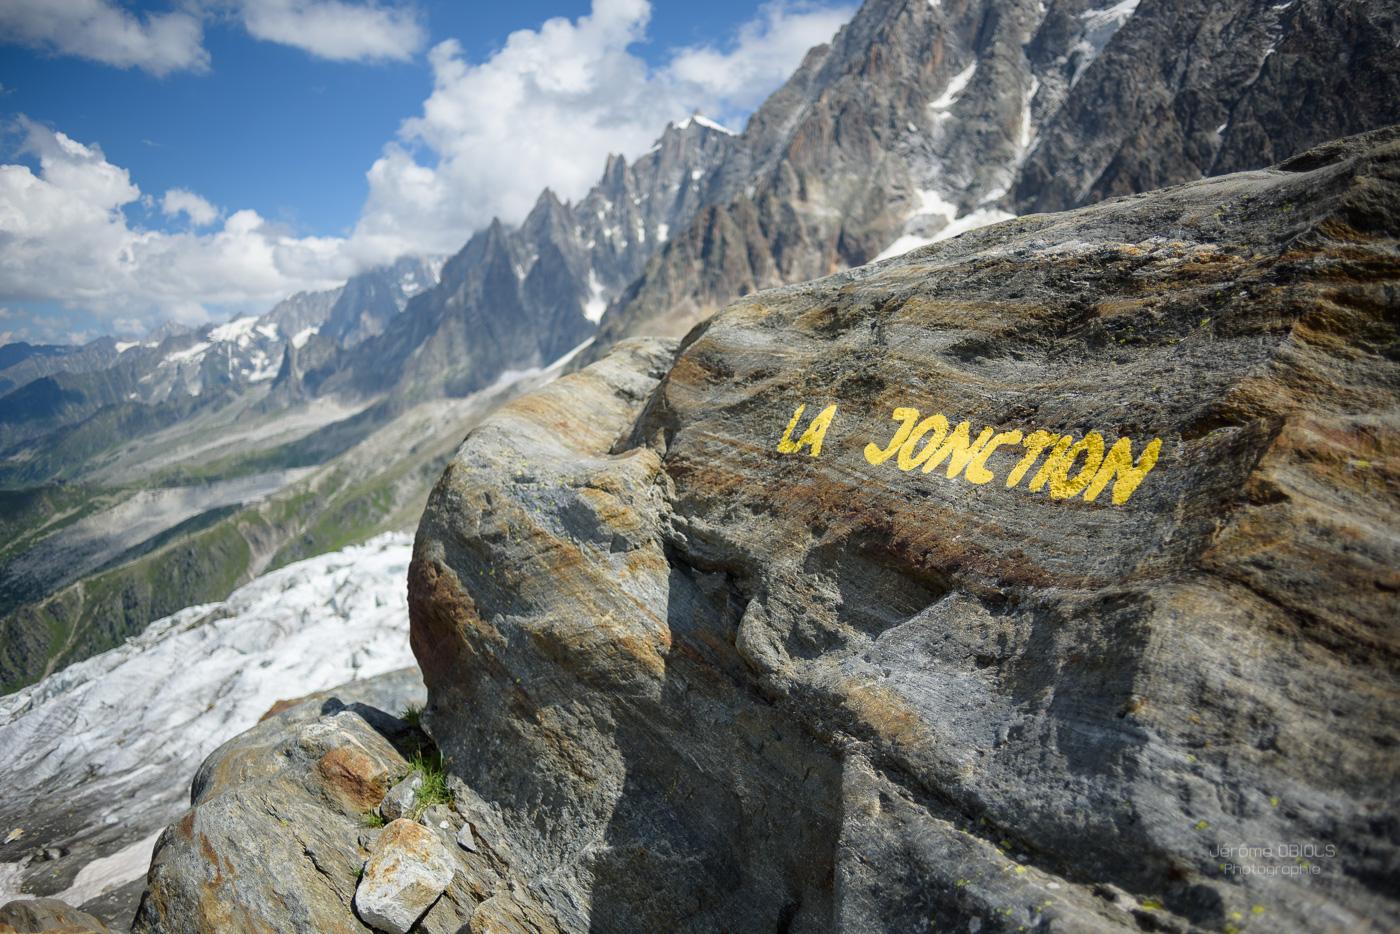 La Jonction, inscription à la peinture jaune au sommet d'un rocher.